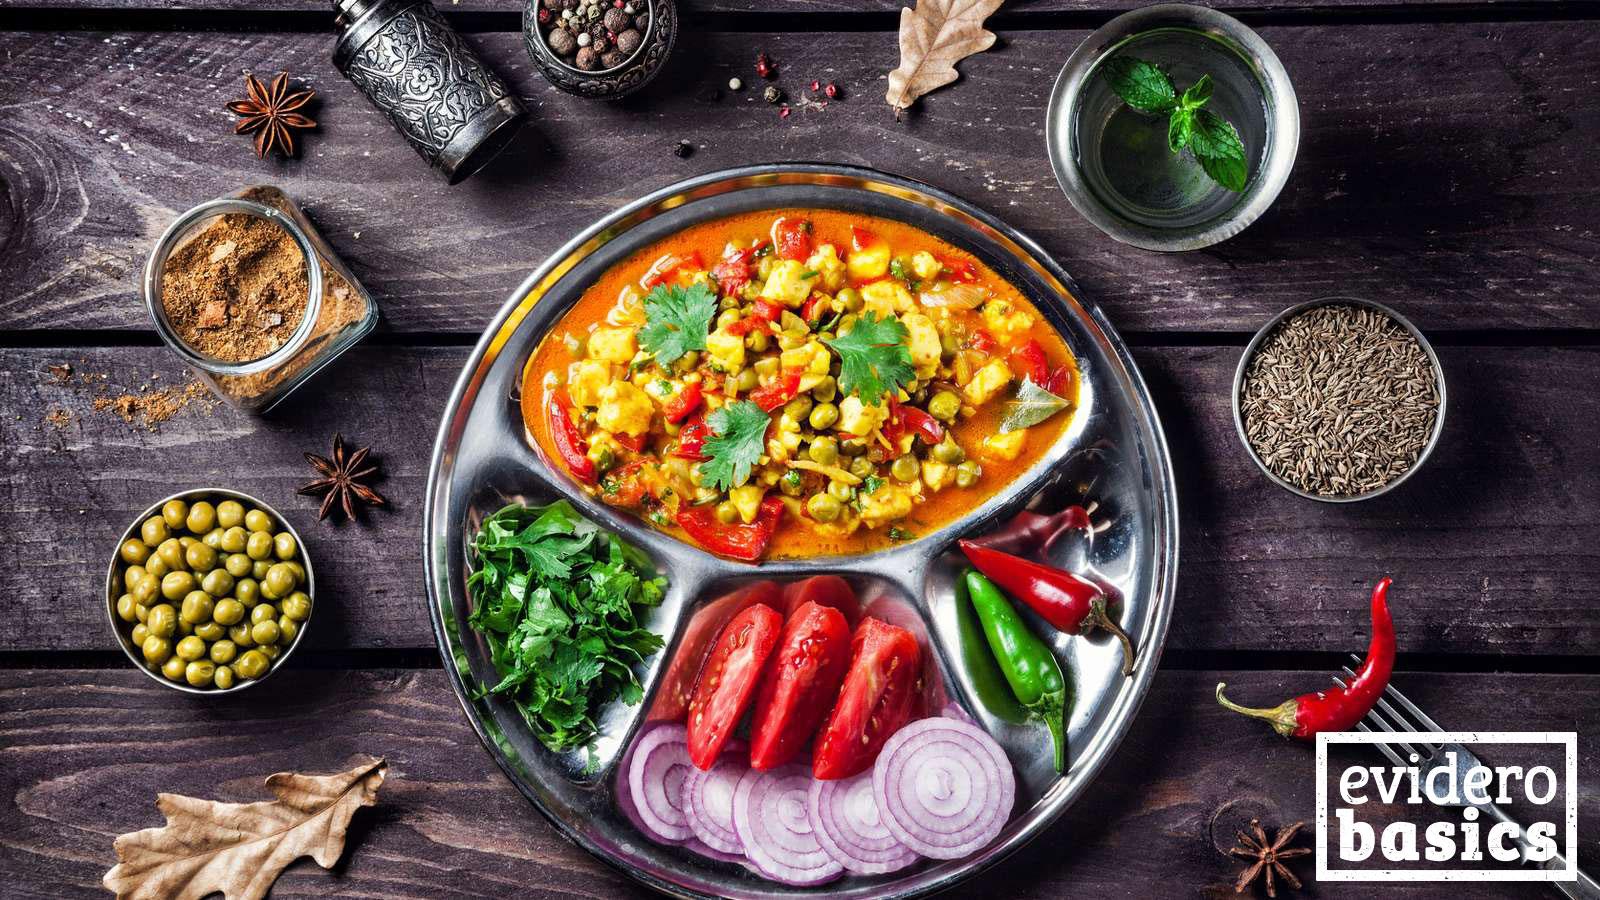 Wie funktioniert die ayurvedische Ernährung? | evidero